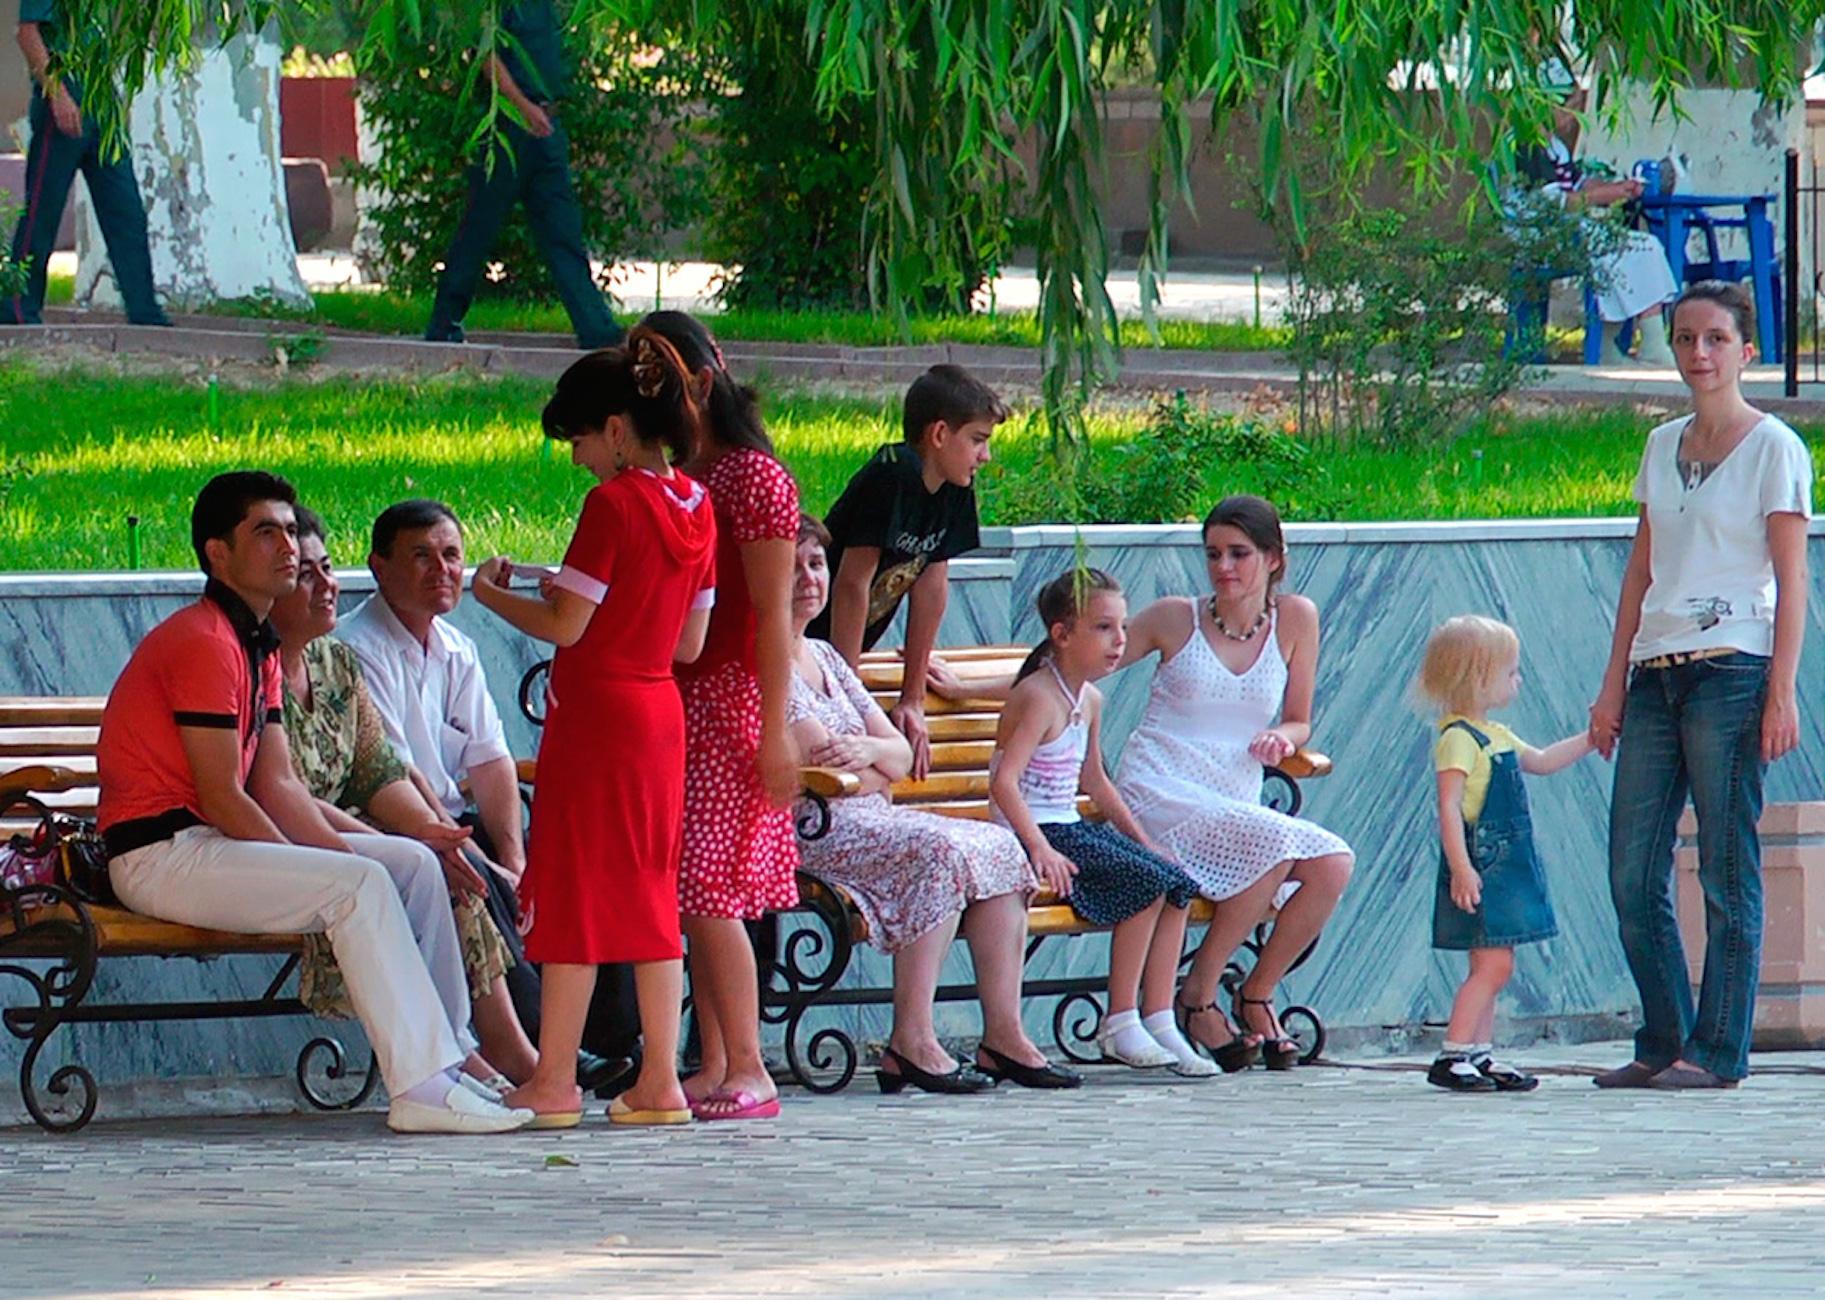 Жители Ташкента отдыхают в городском парке, 22 апреля 2017 года. [Максим Енисеев]